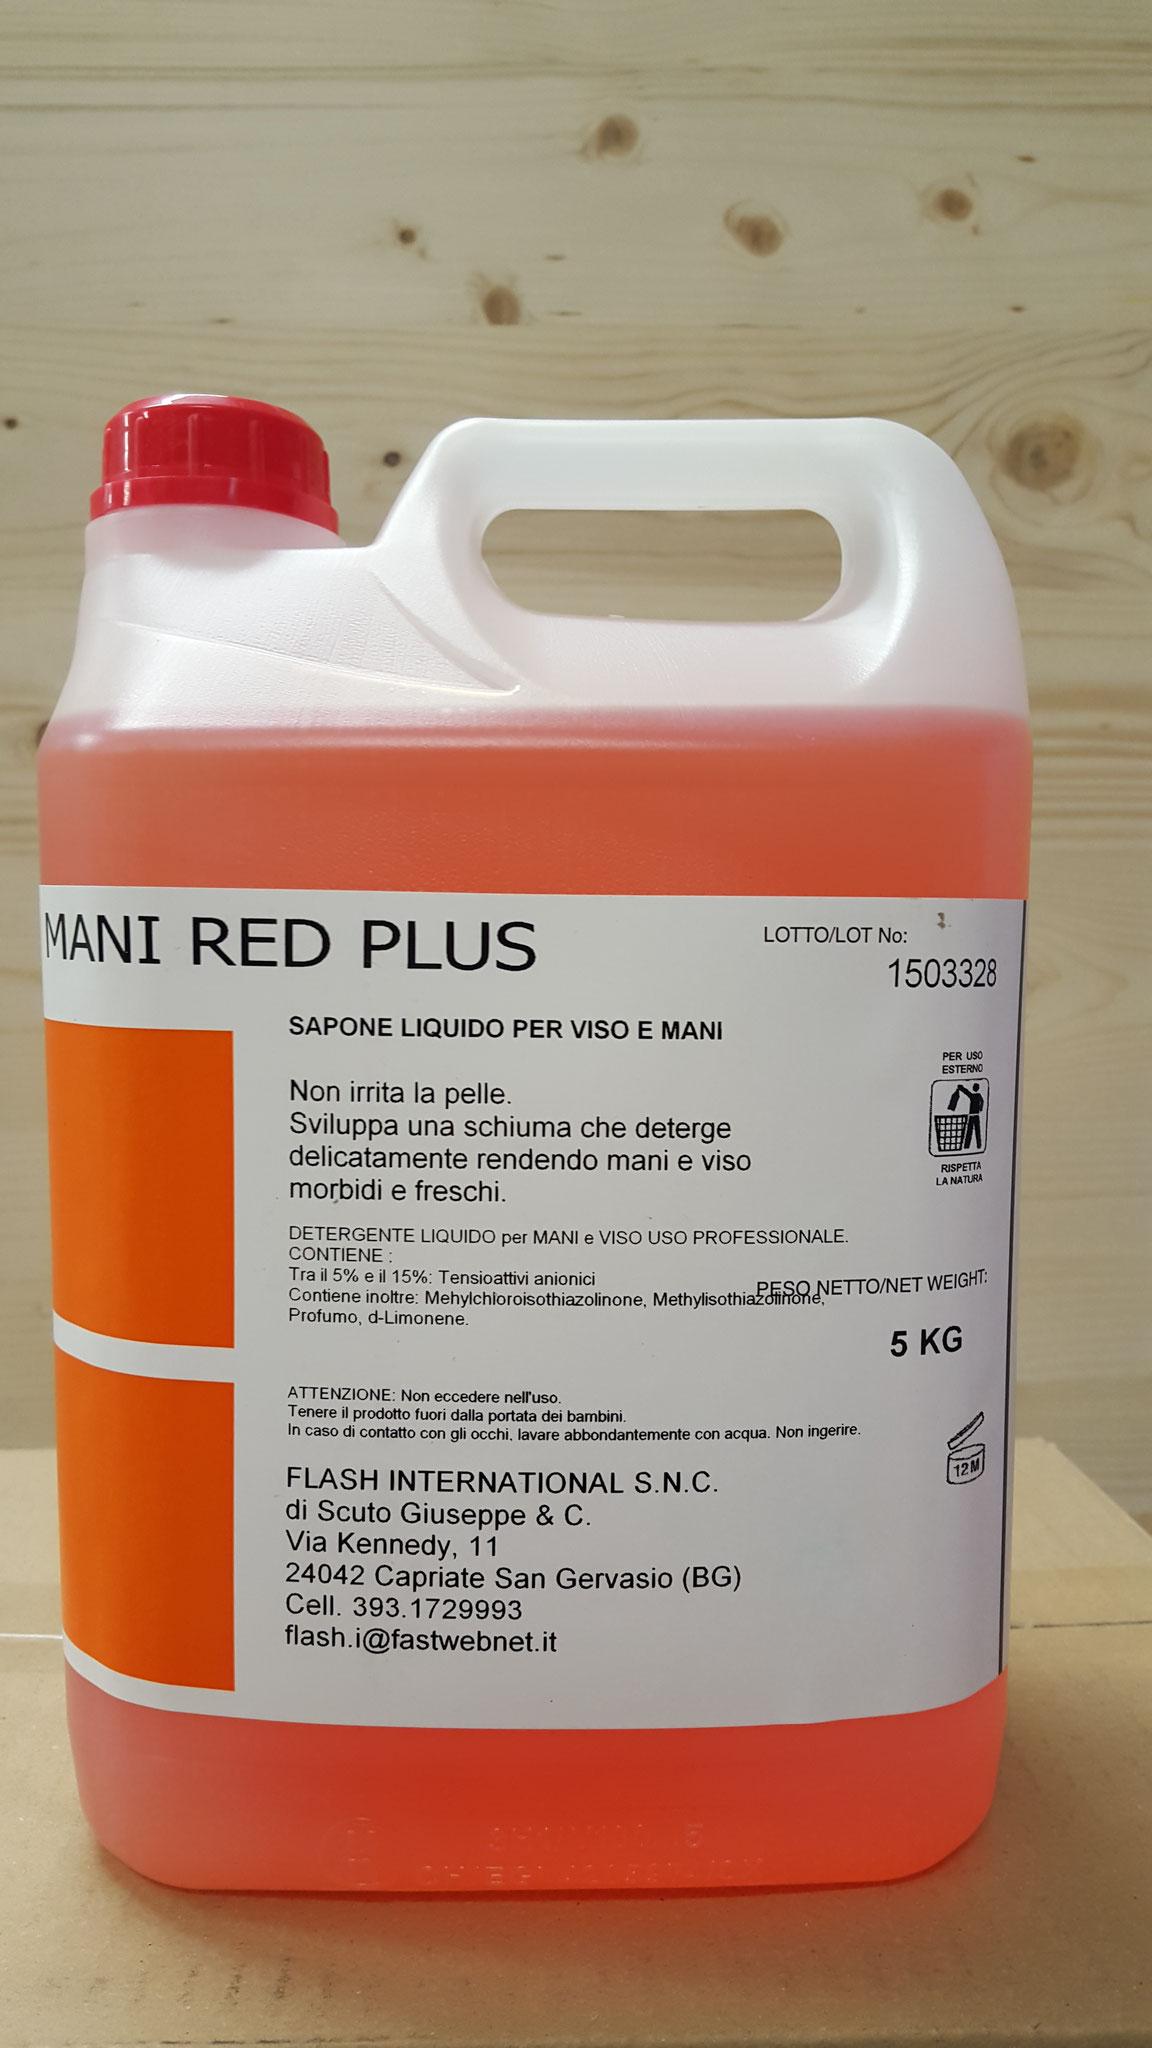 MANIRED PLUS - Lavamani neutro a forte azione sgrassante, non contiene sostanze abrasive, indicato per unto e sporco pesante,dermoprotettivo.